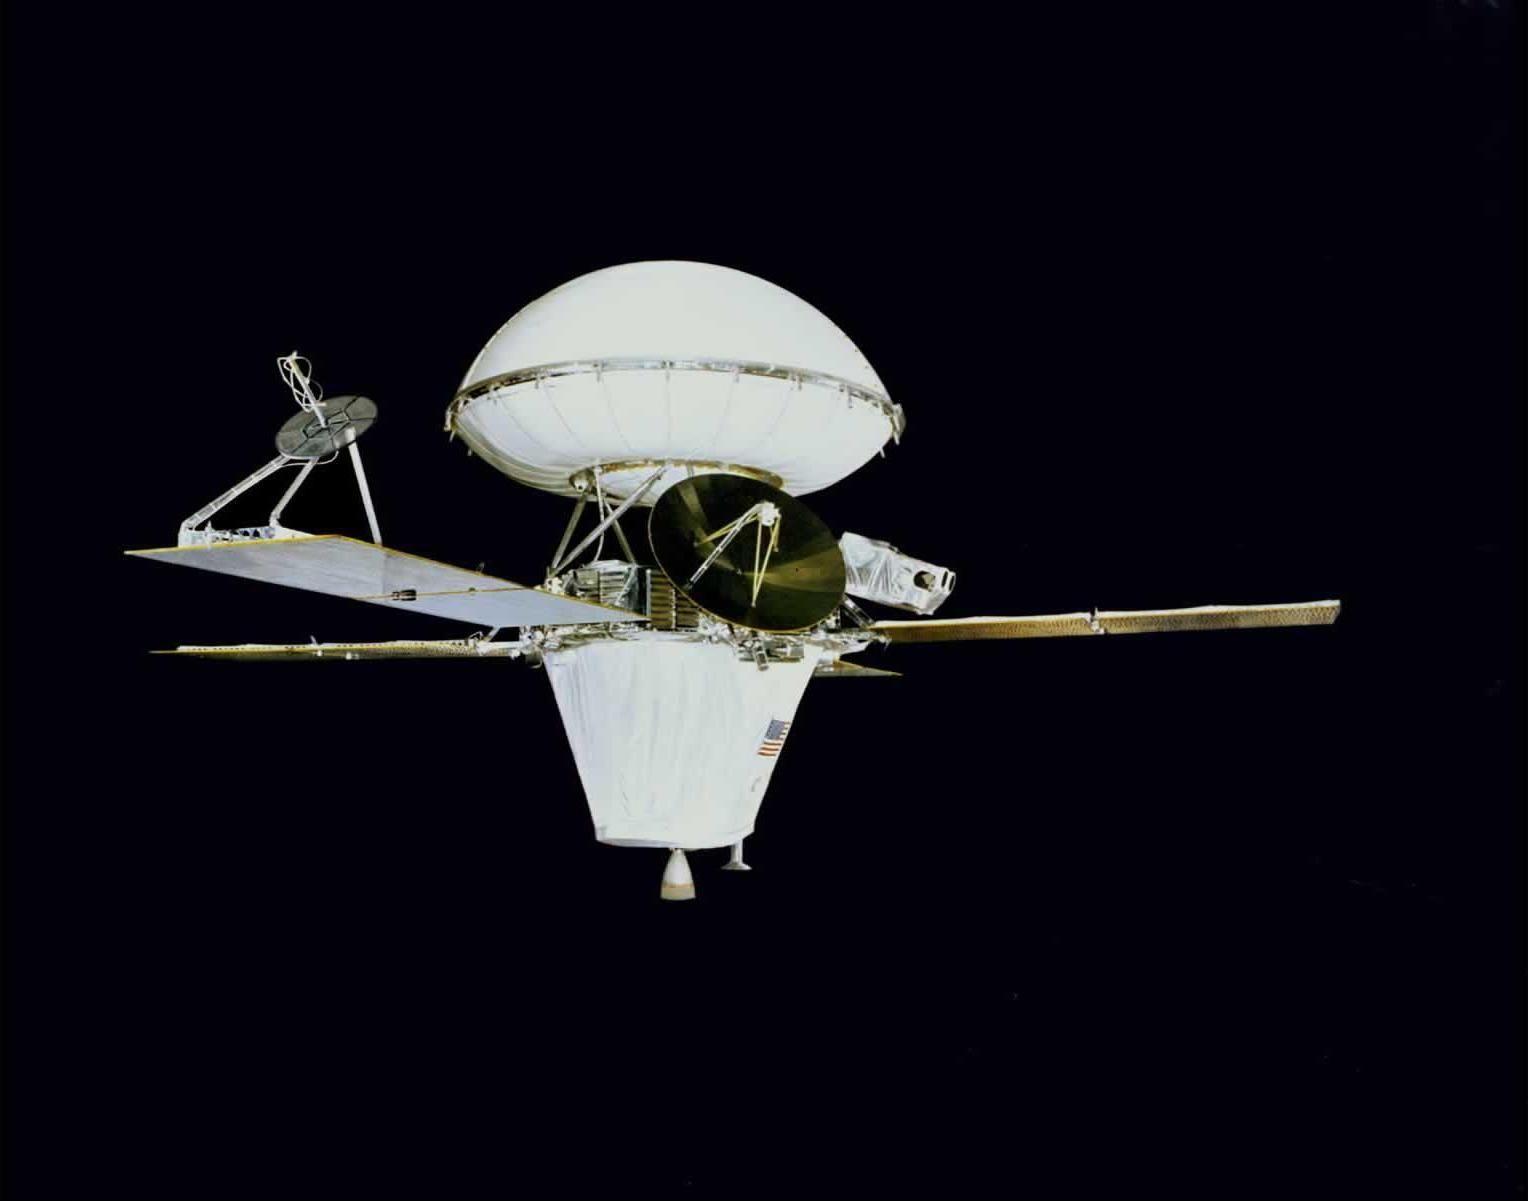 20 июля 1976 года автоматическая станция Викинг-1 села на Марс